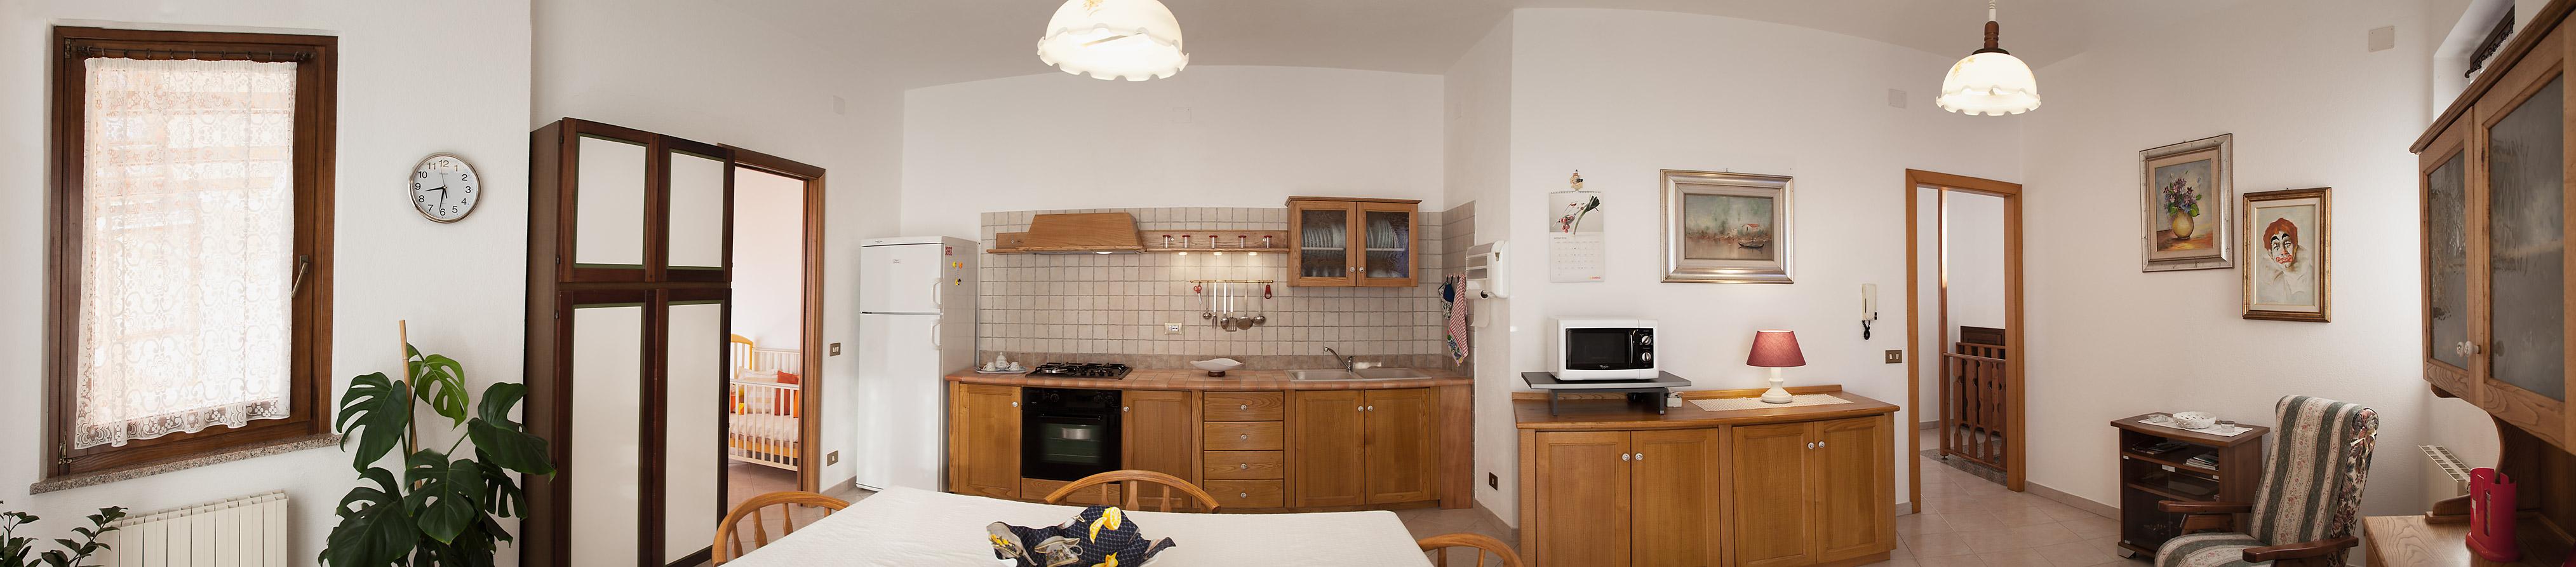 Foto panoramica soggiorno con cucina